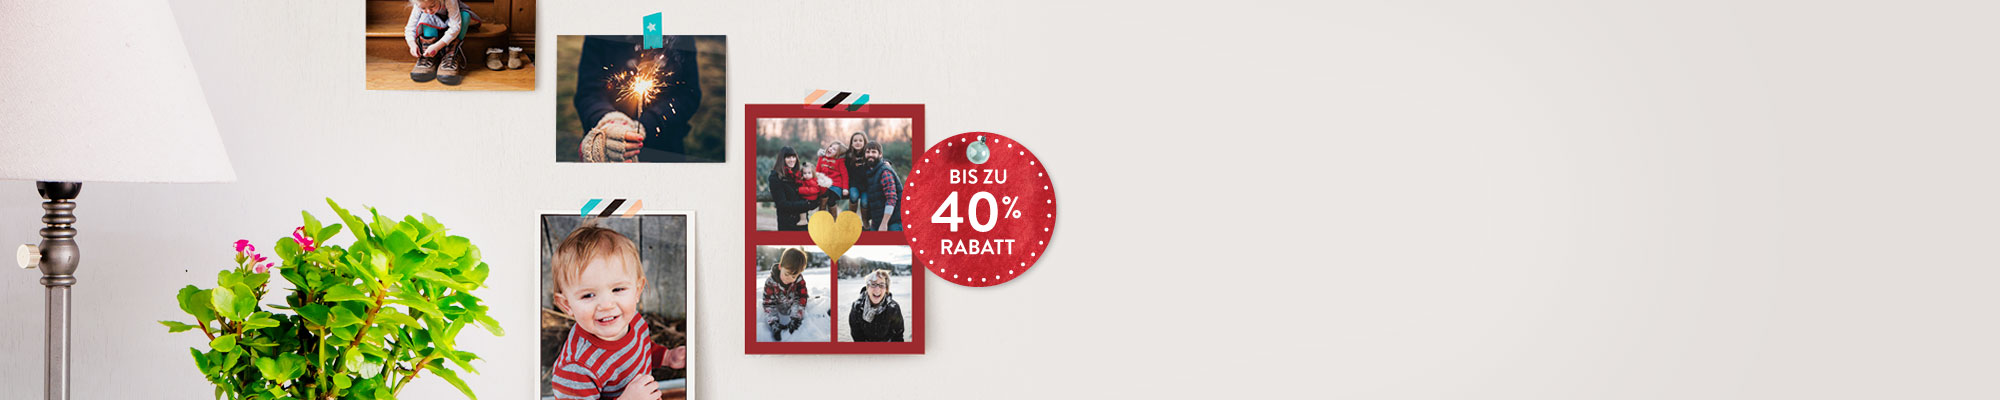 Foto-Abzüge : Jetzt online Fotos bestellen - mit Gutscheincode BEST316 bis zu 40% günstiger!